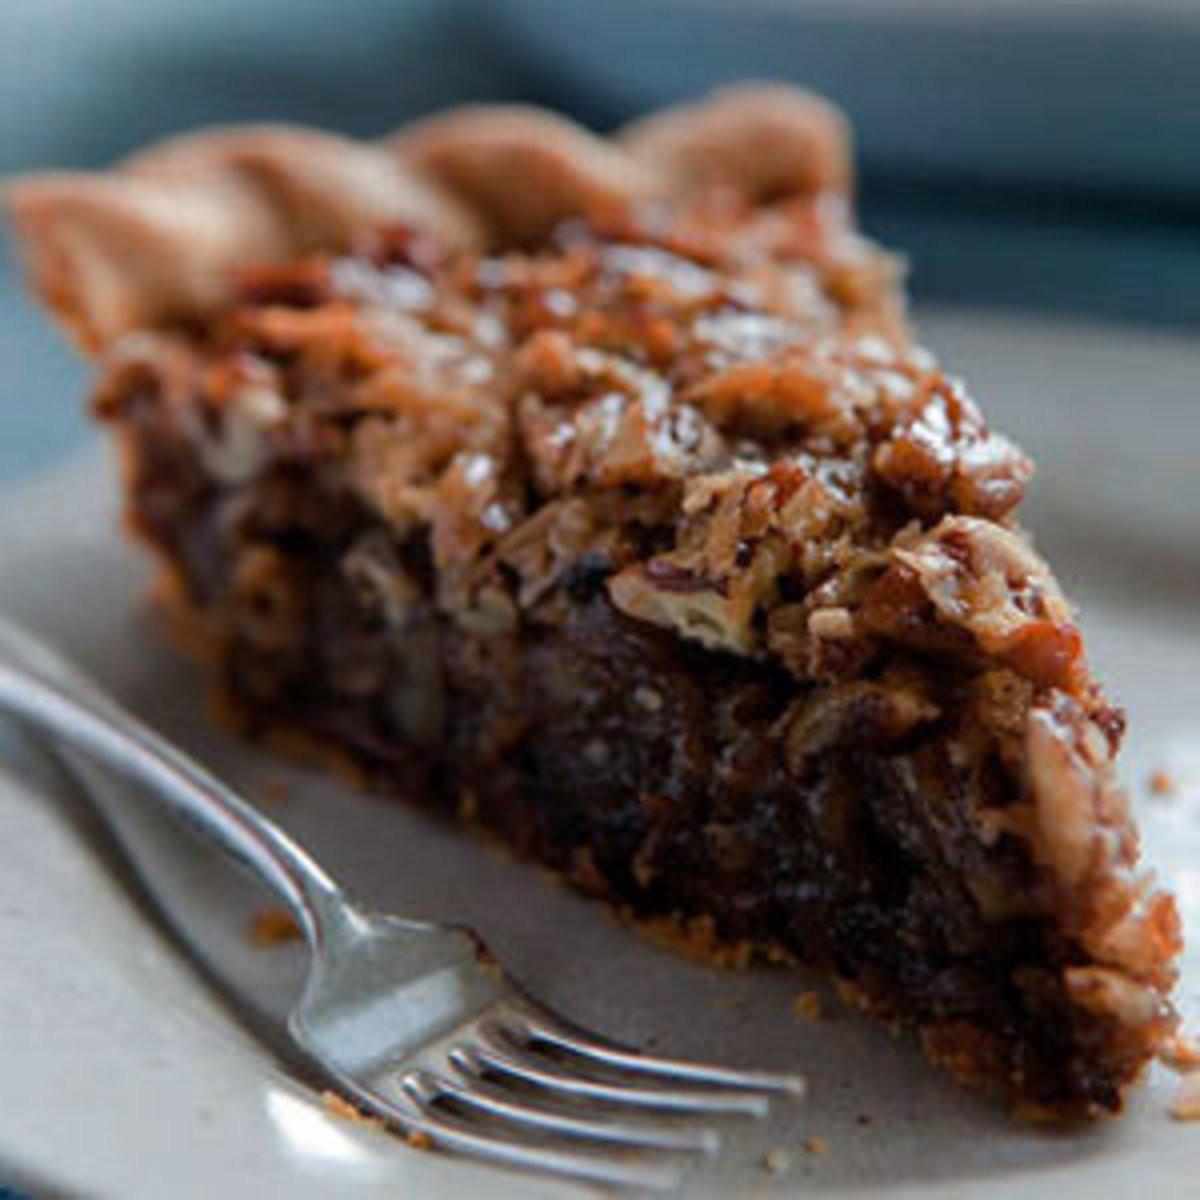 Chocolate Pecan Pie  German Chocolate Pecan Pie Rachael Ray Every Day